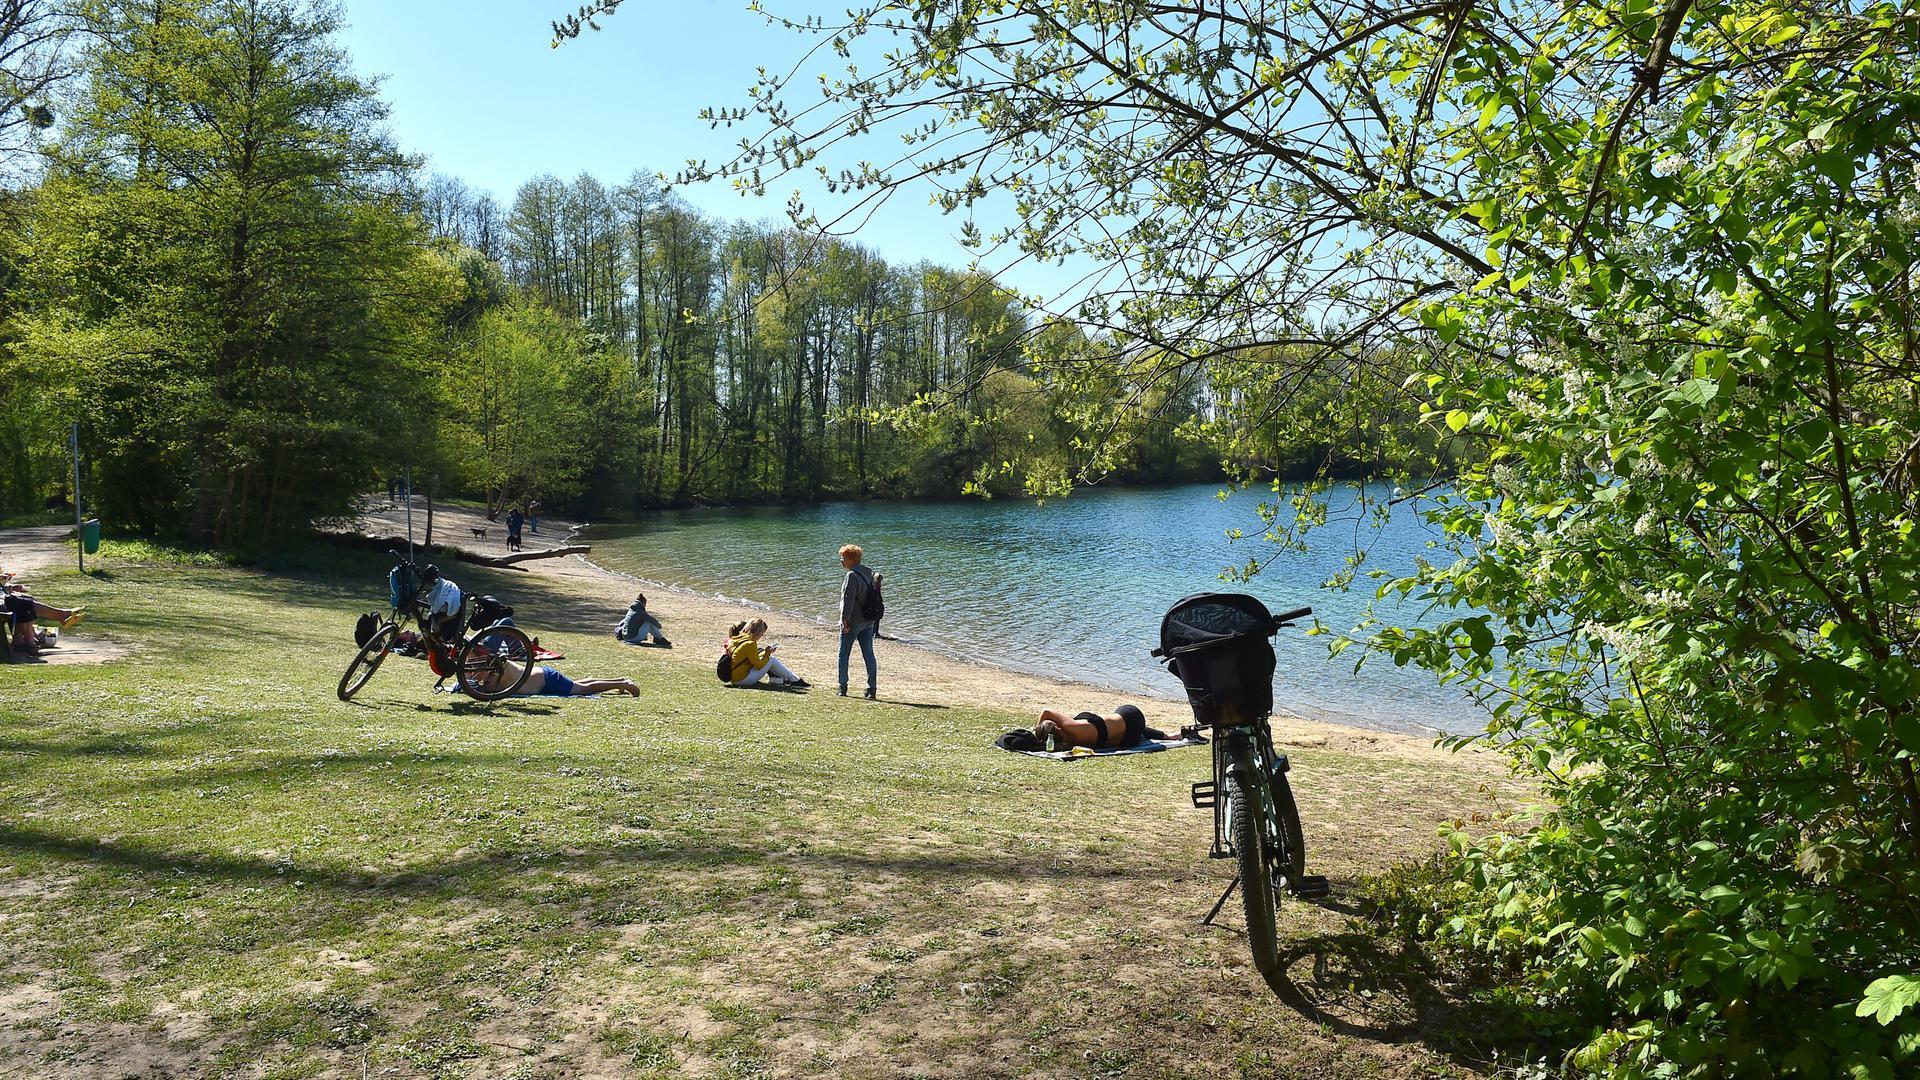 Schönes Ziel für Fahrradausflüge: der Grötzinger Baggersee im Frühling.